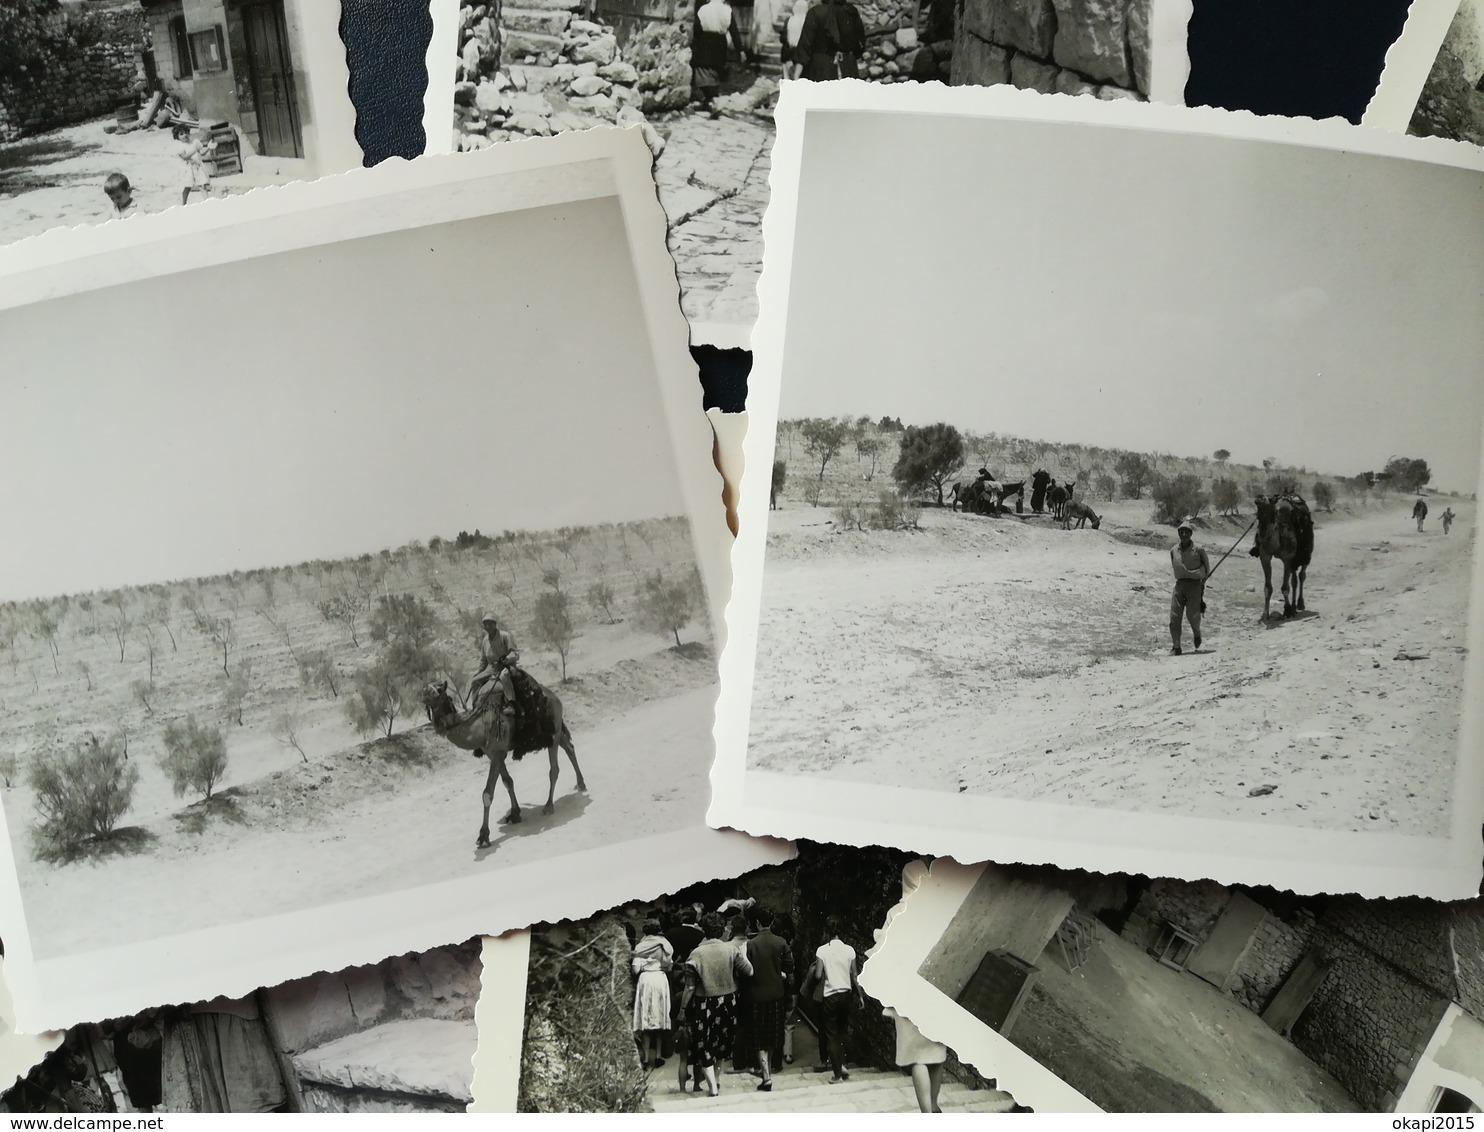 120 PHOTOS ORIGINALES DONT 35 PHOTOS NOIR- BLANC  VOYAGE PAYS ARABE ET 40 PHOTOS COULEURS VOYAGE U. S. A EN 1978 - Albums & Collections